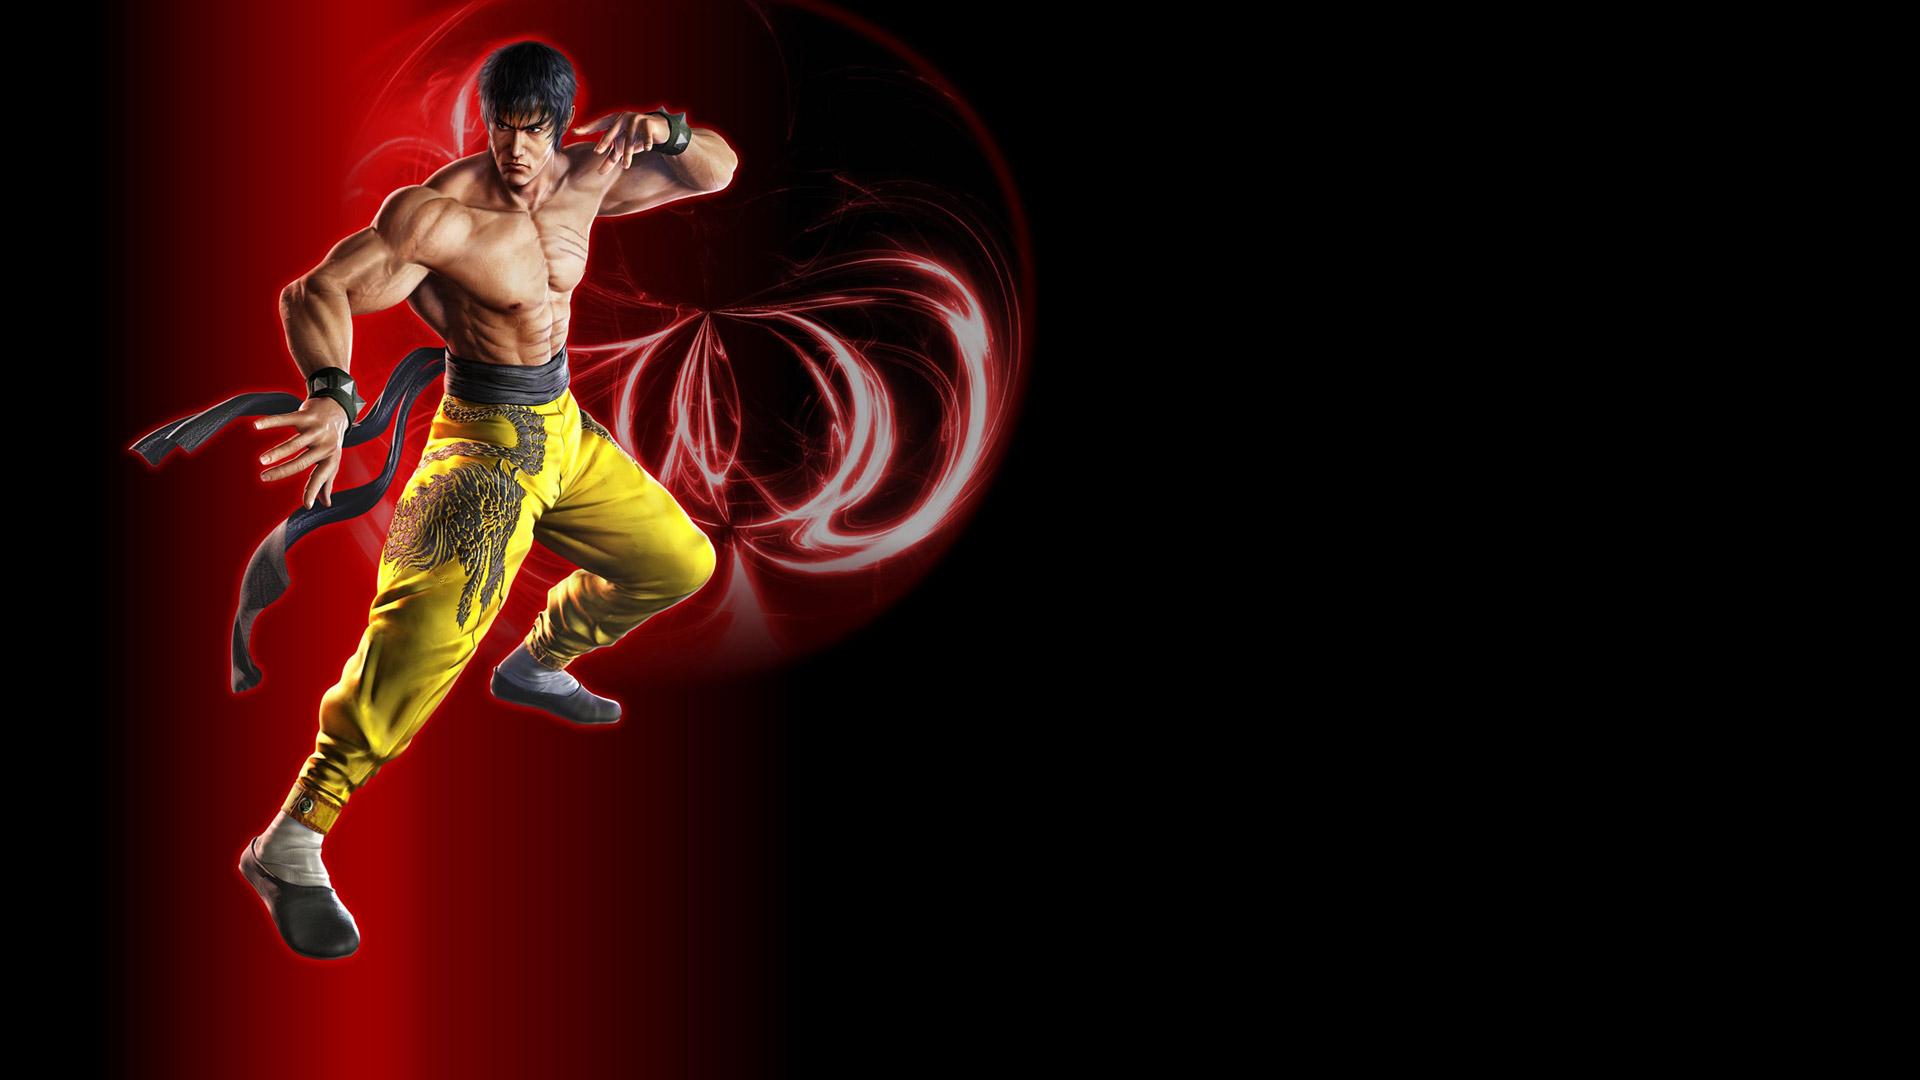 Free Tekken 7 Wallpaper in 1920x1080